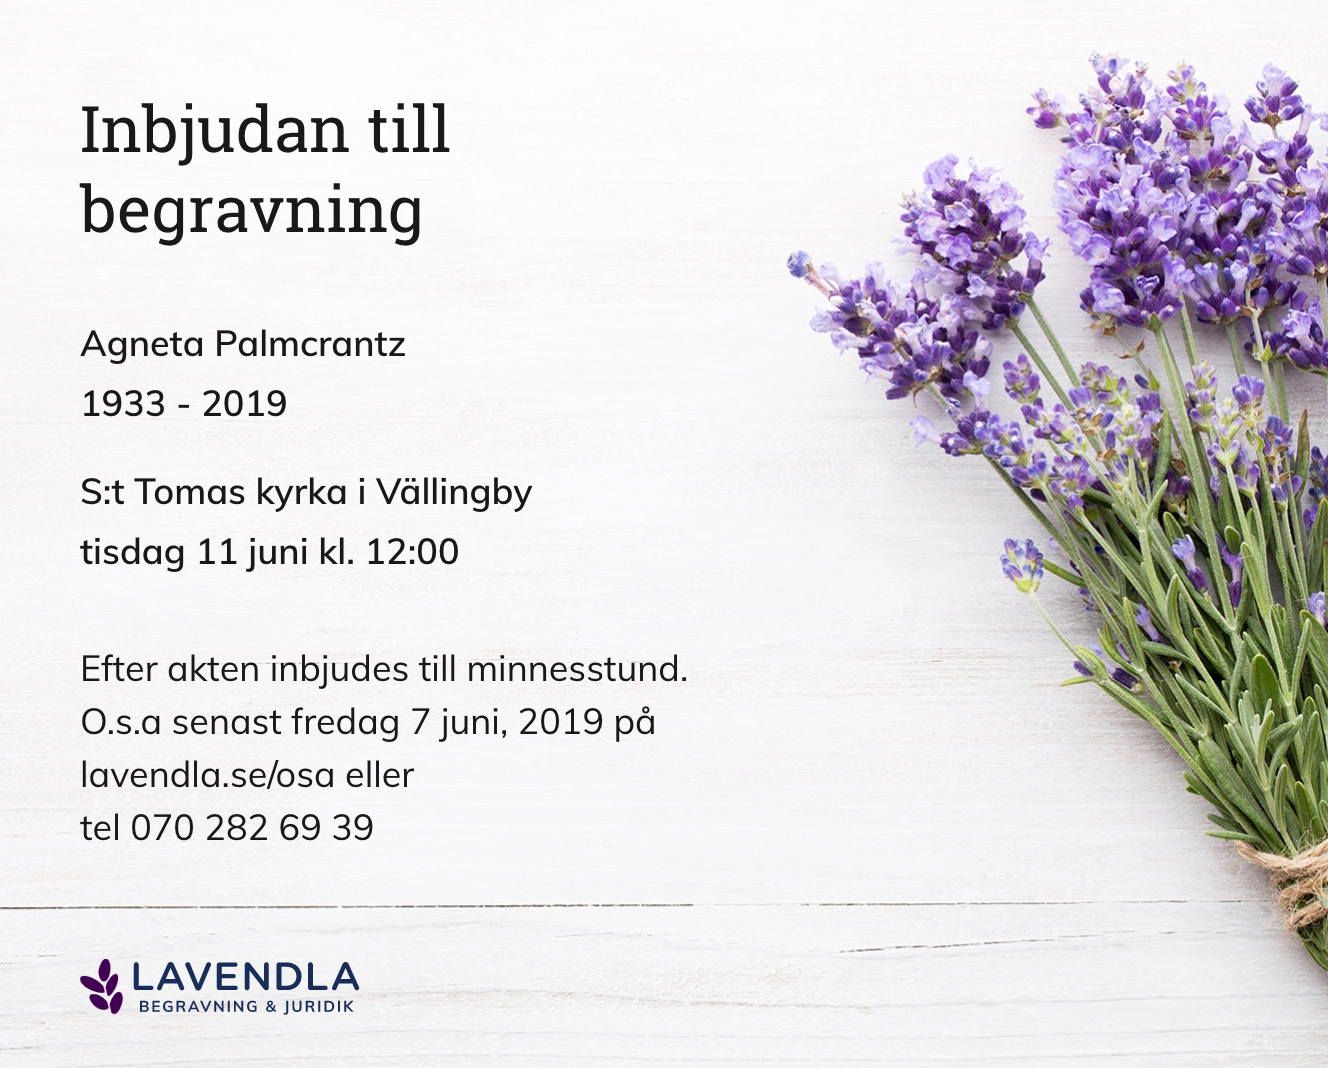 Inbjudningskort till ceremonin för Agneta Palmcrantz